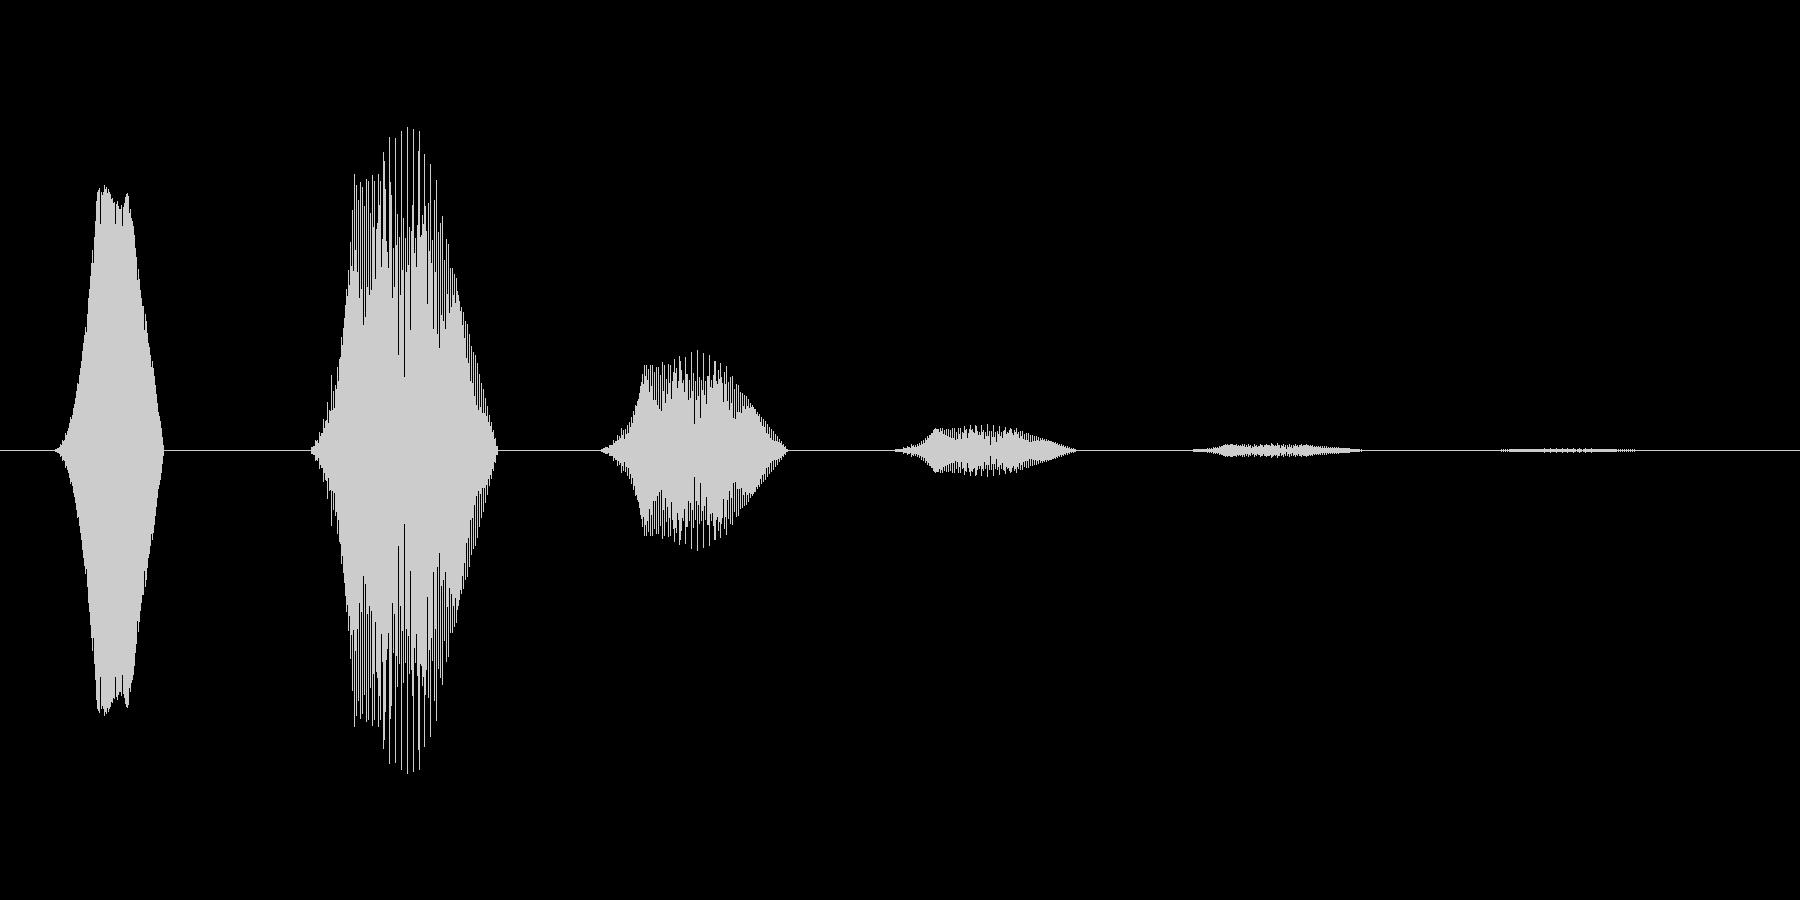 ファミコン風効果音 決定音系です 32の未再生の波形